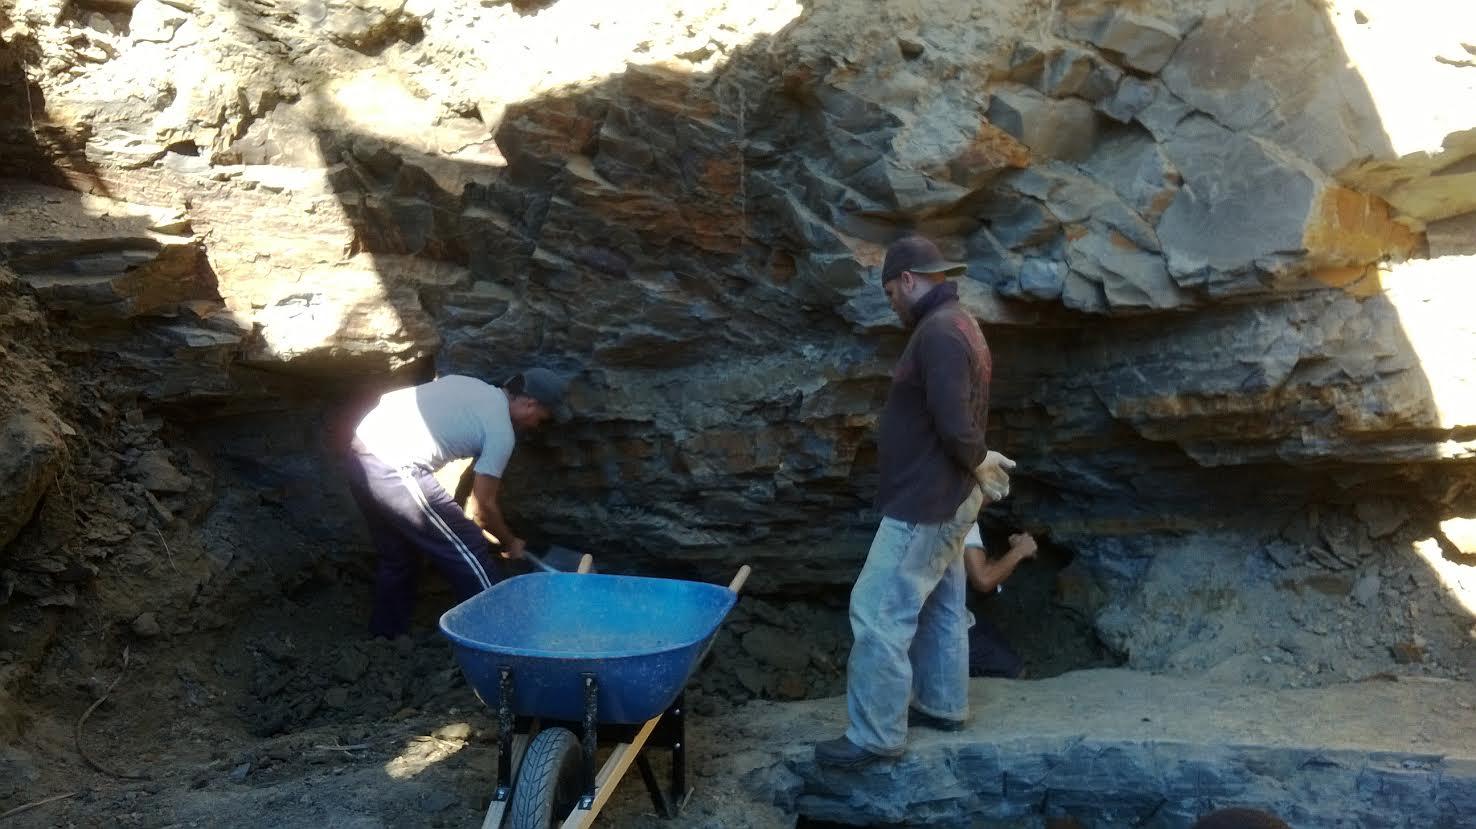 ситуация прям как добывают янтарь в крыму Воронежа